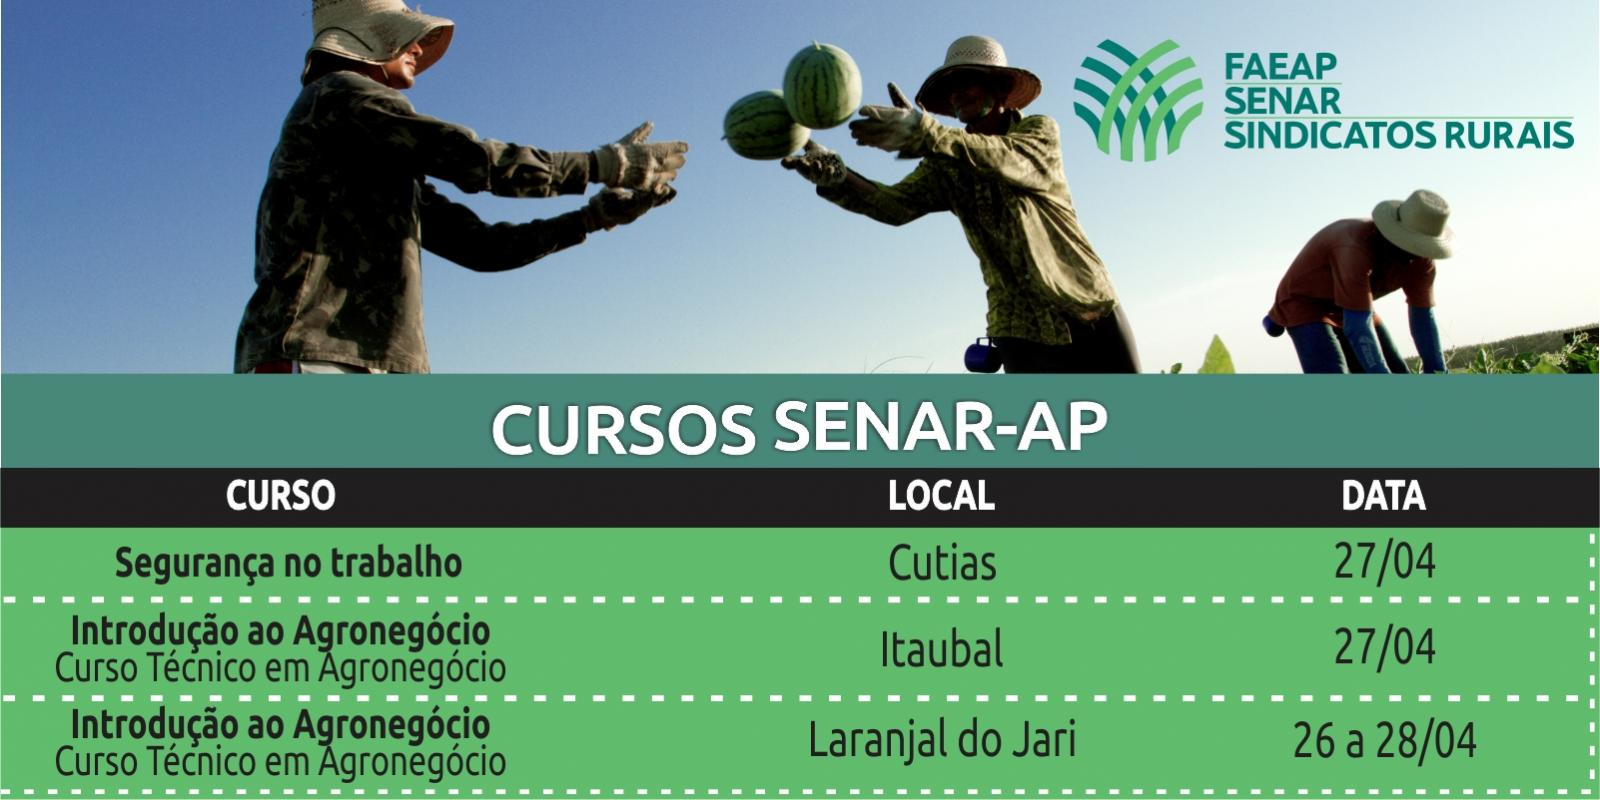 SENAR-AP realizará treinamentos nos municípios de Cutias, Itaubal e Laranjal do Jari